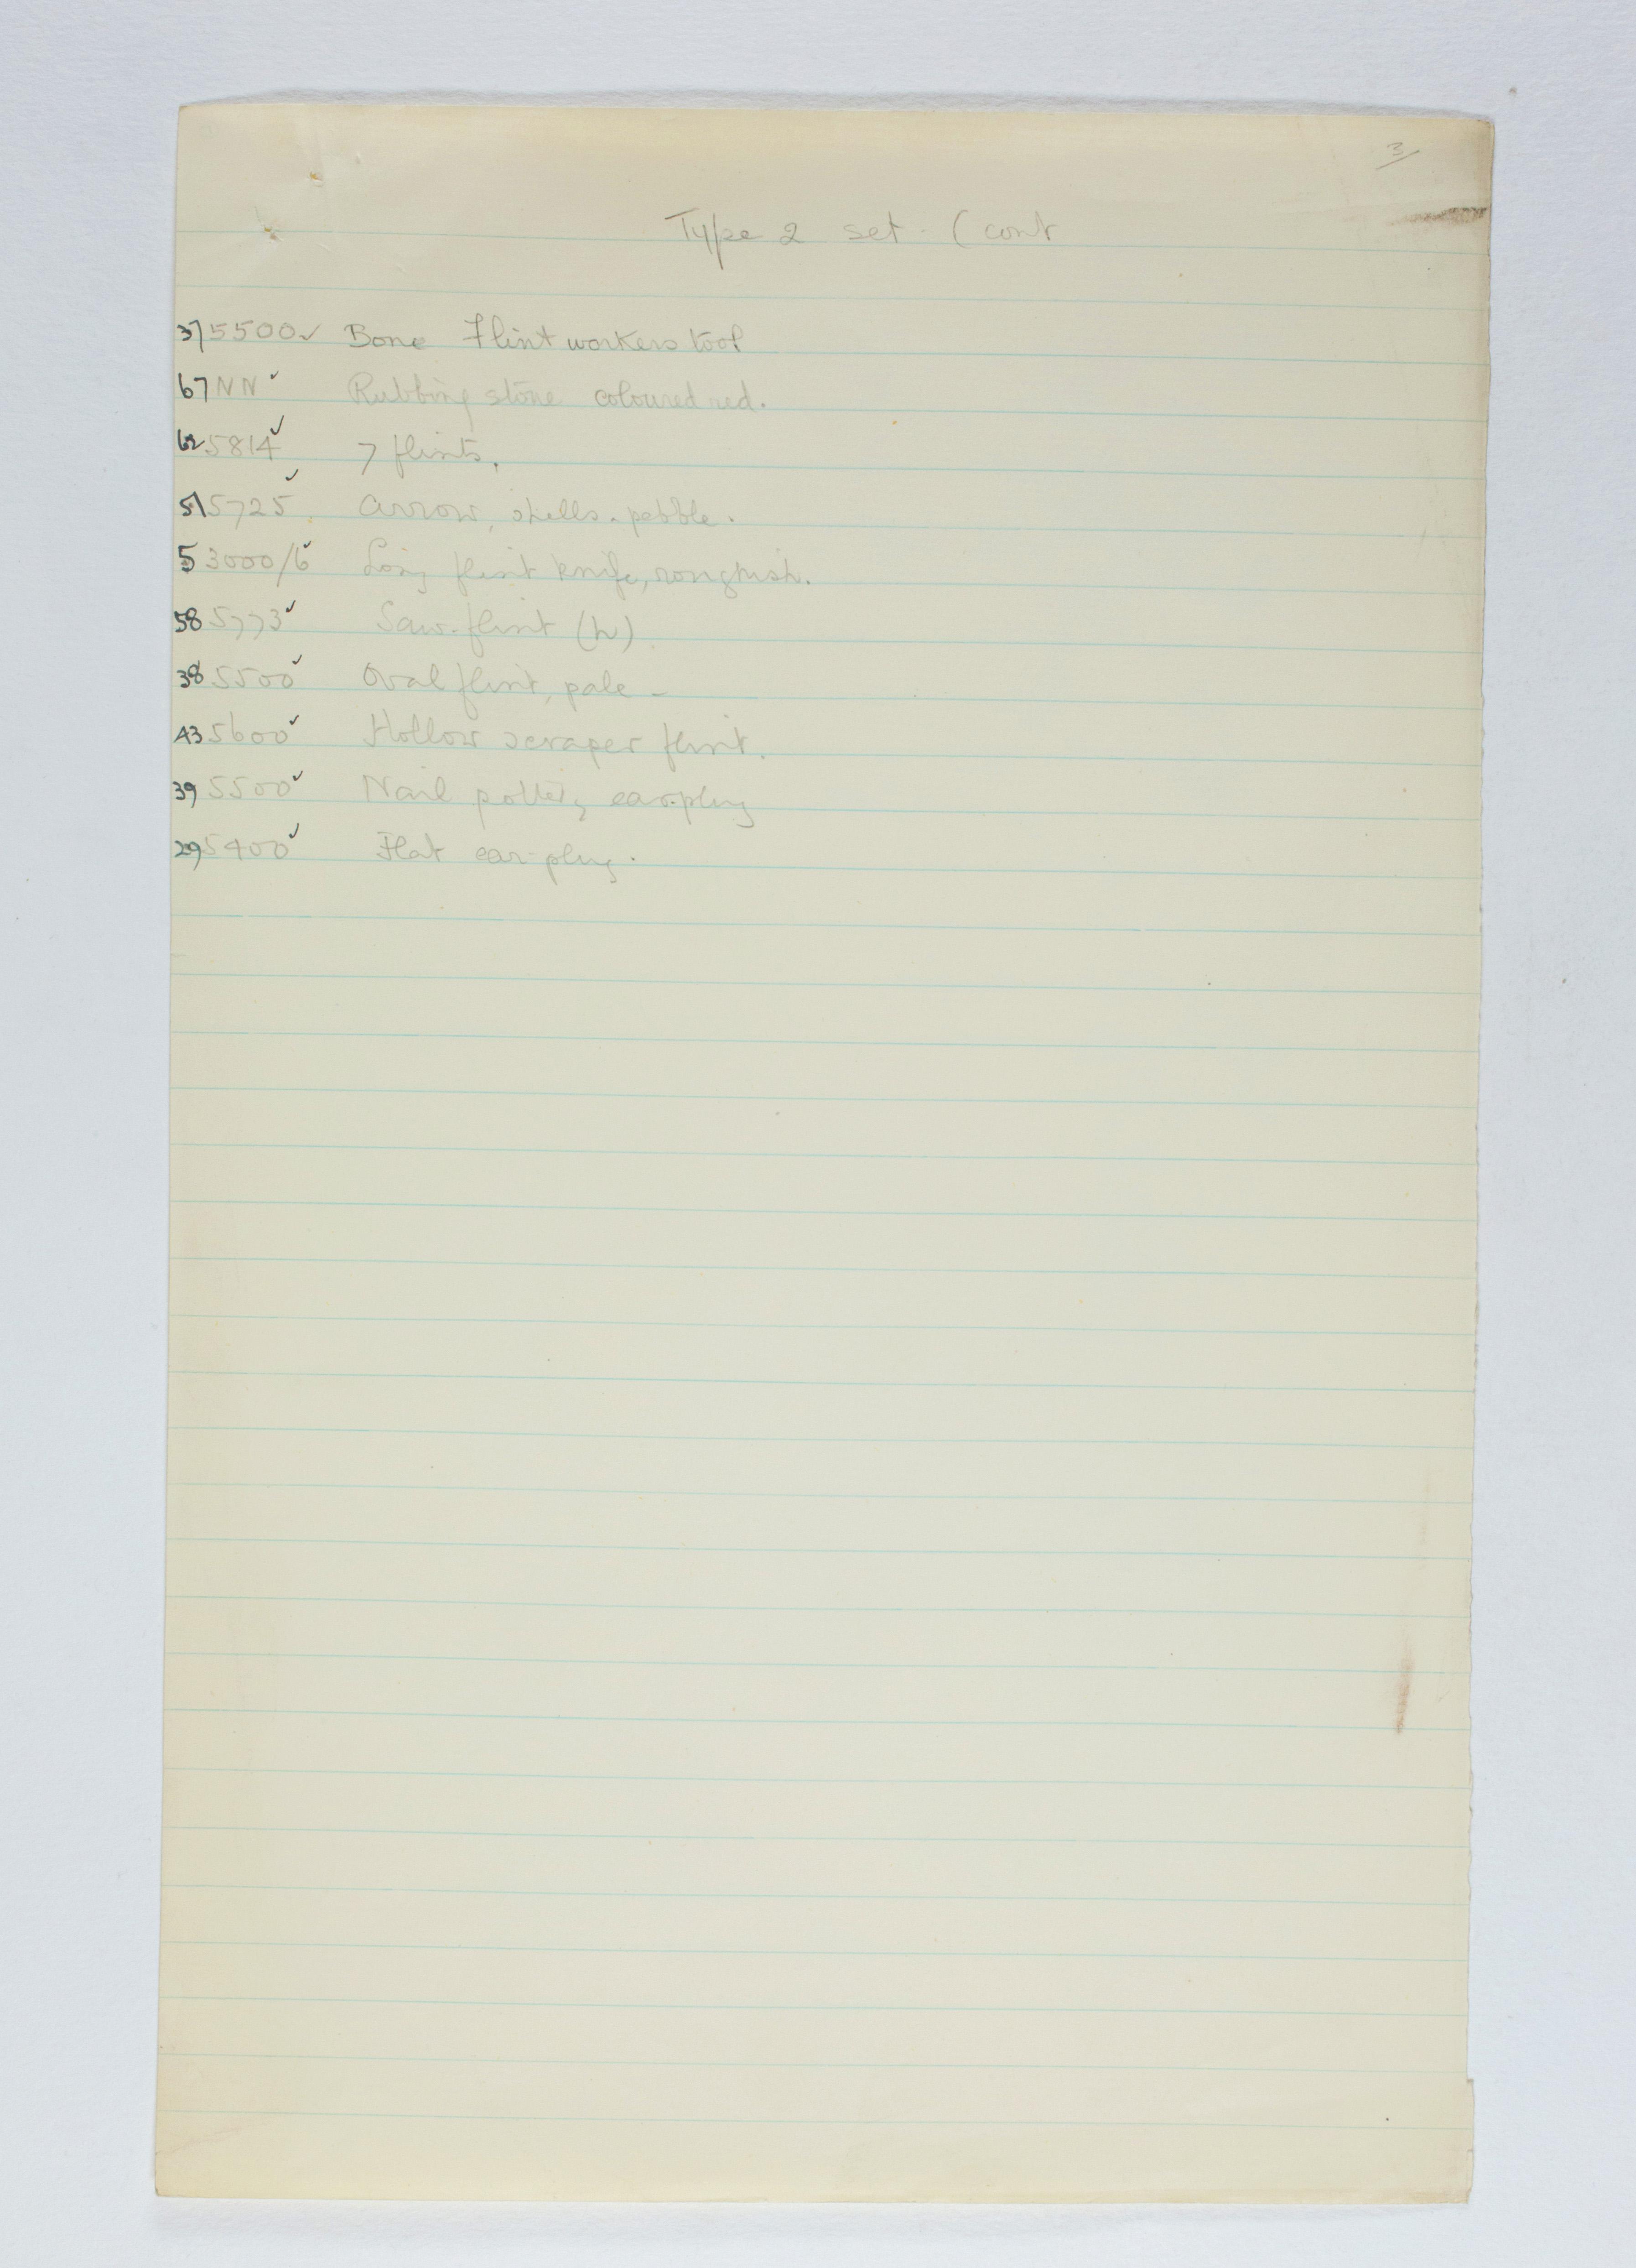 1924-25 Badari, Faiyum Object list PMA/WFP1/D/28/1.3